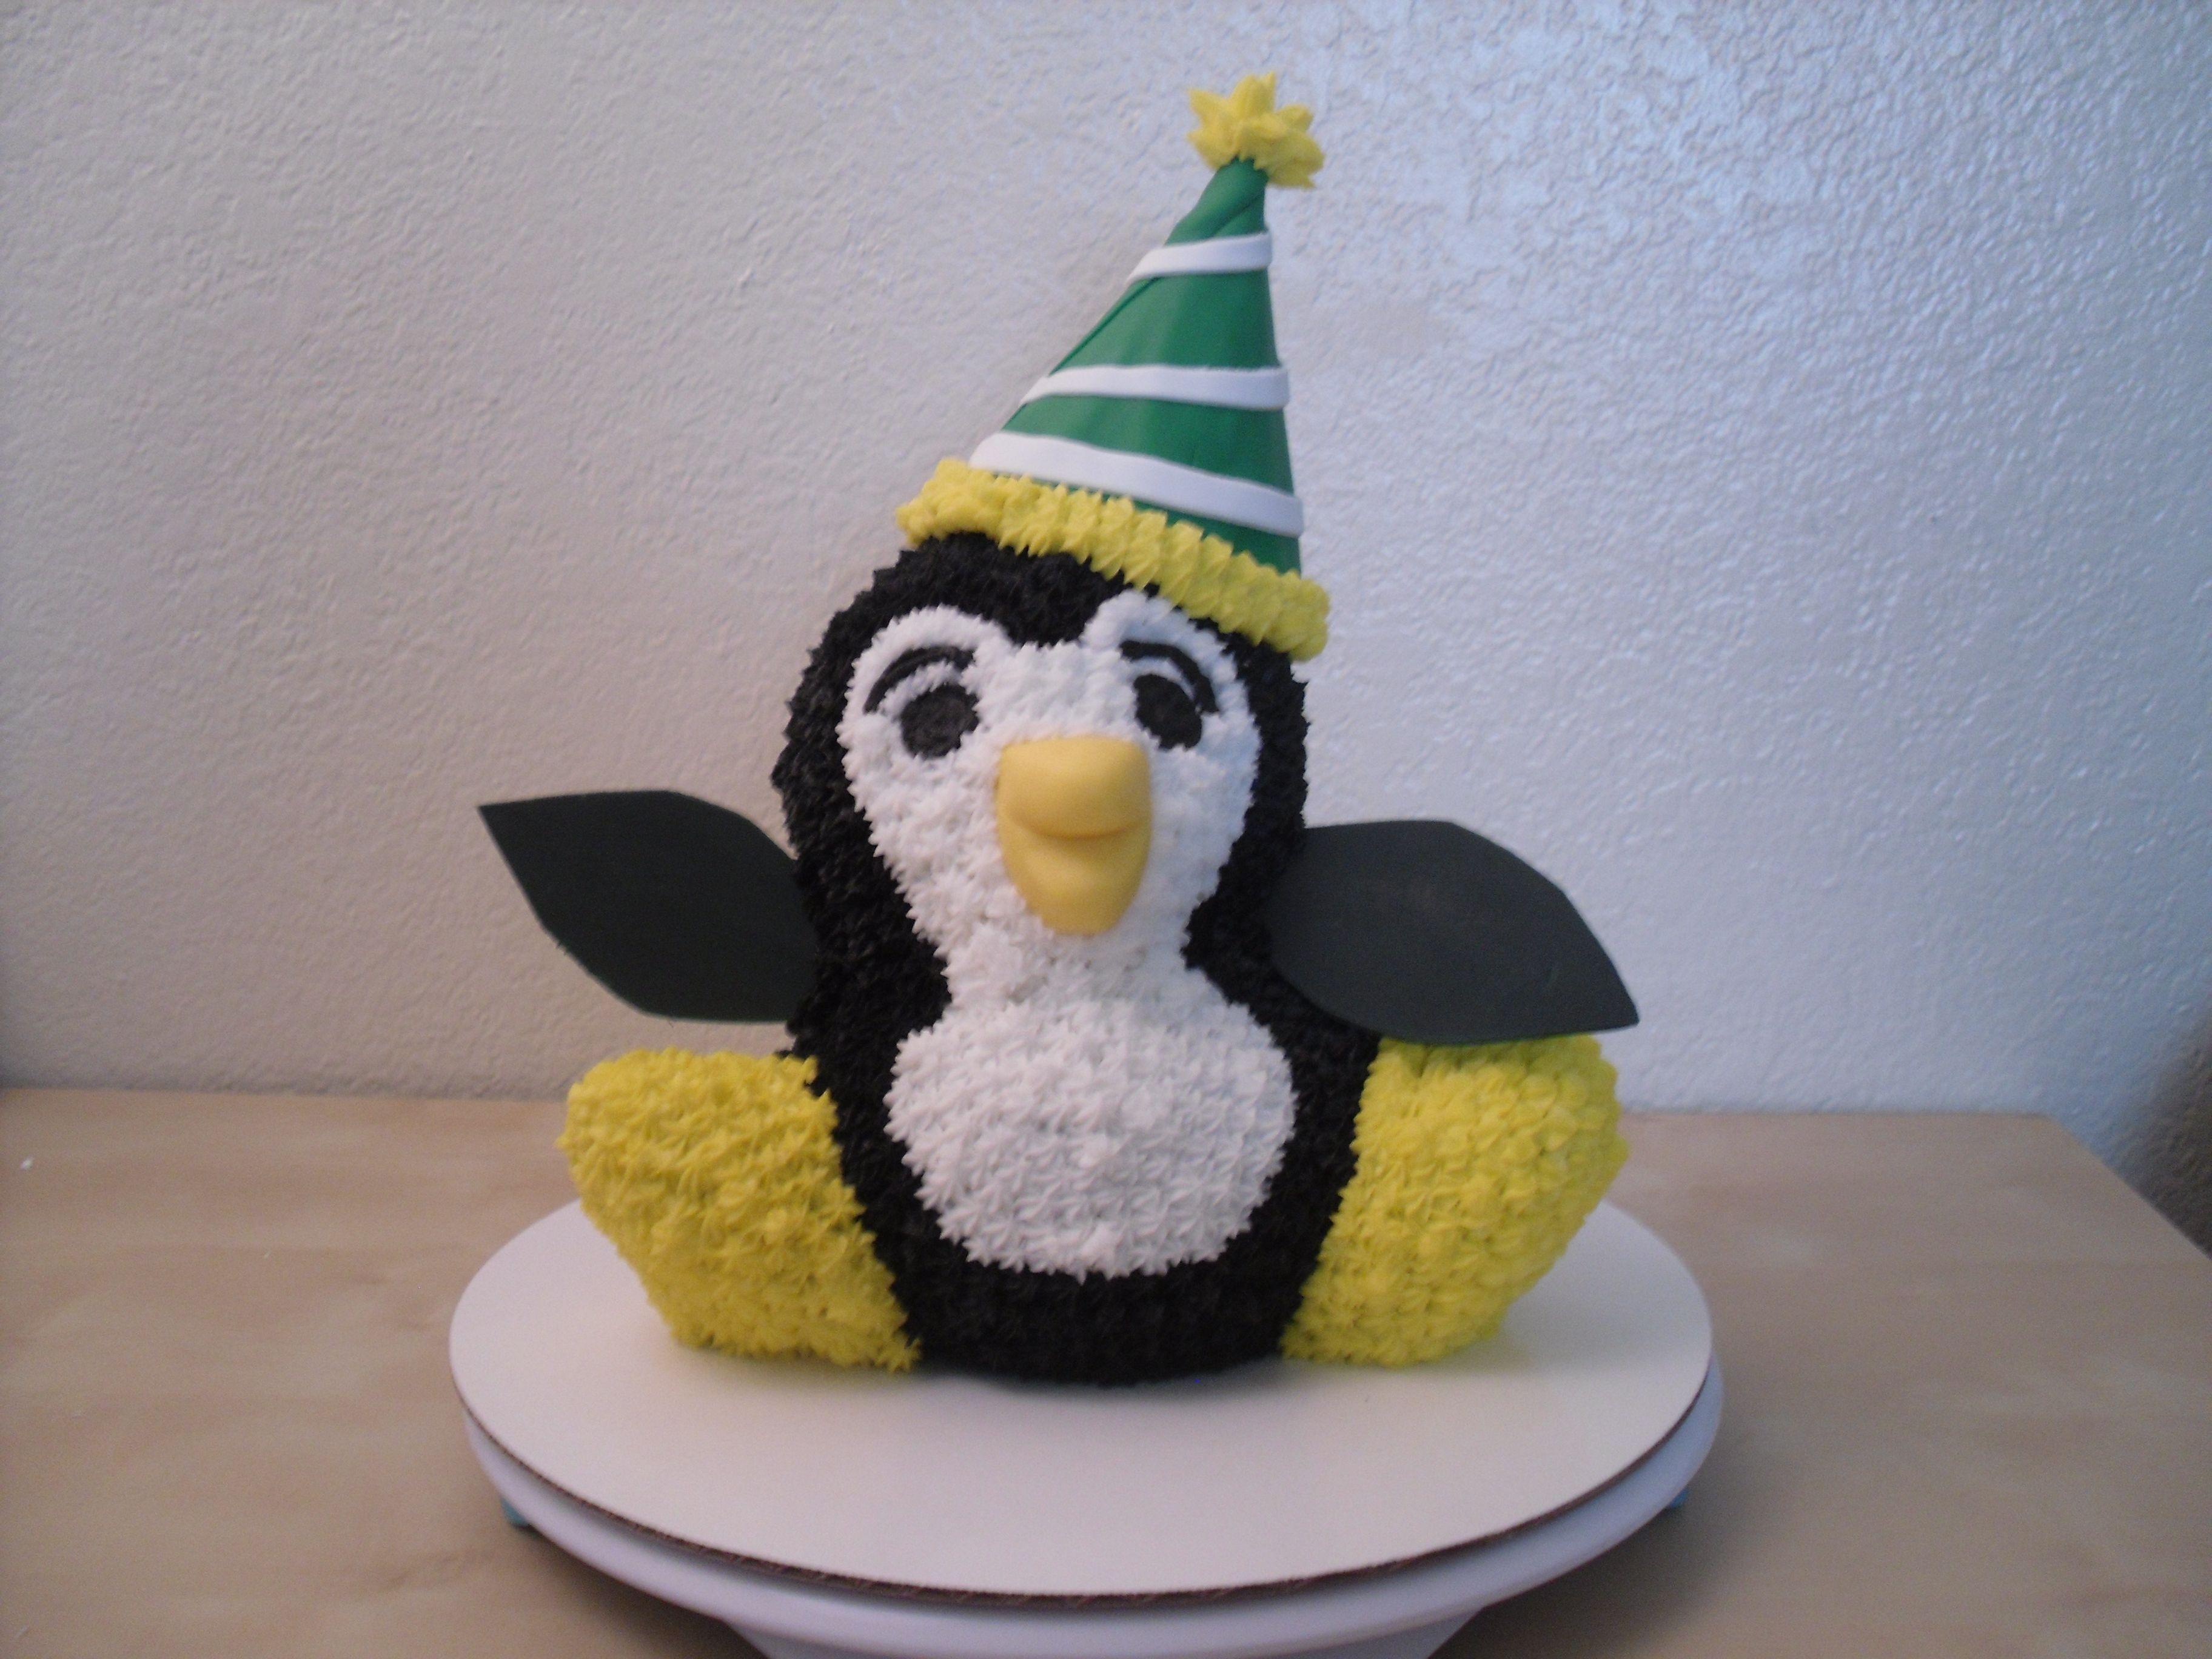 Birthday Cake Ideas Penguin : Penguin birthday cake Yummy Food Stuff Pinterest